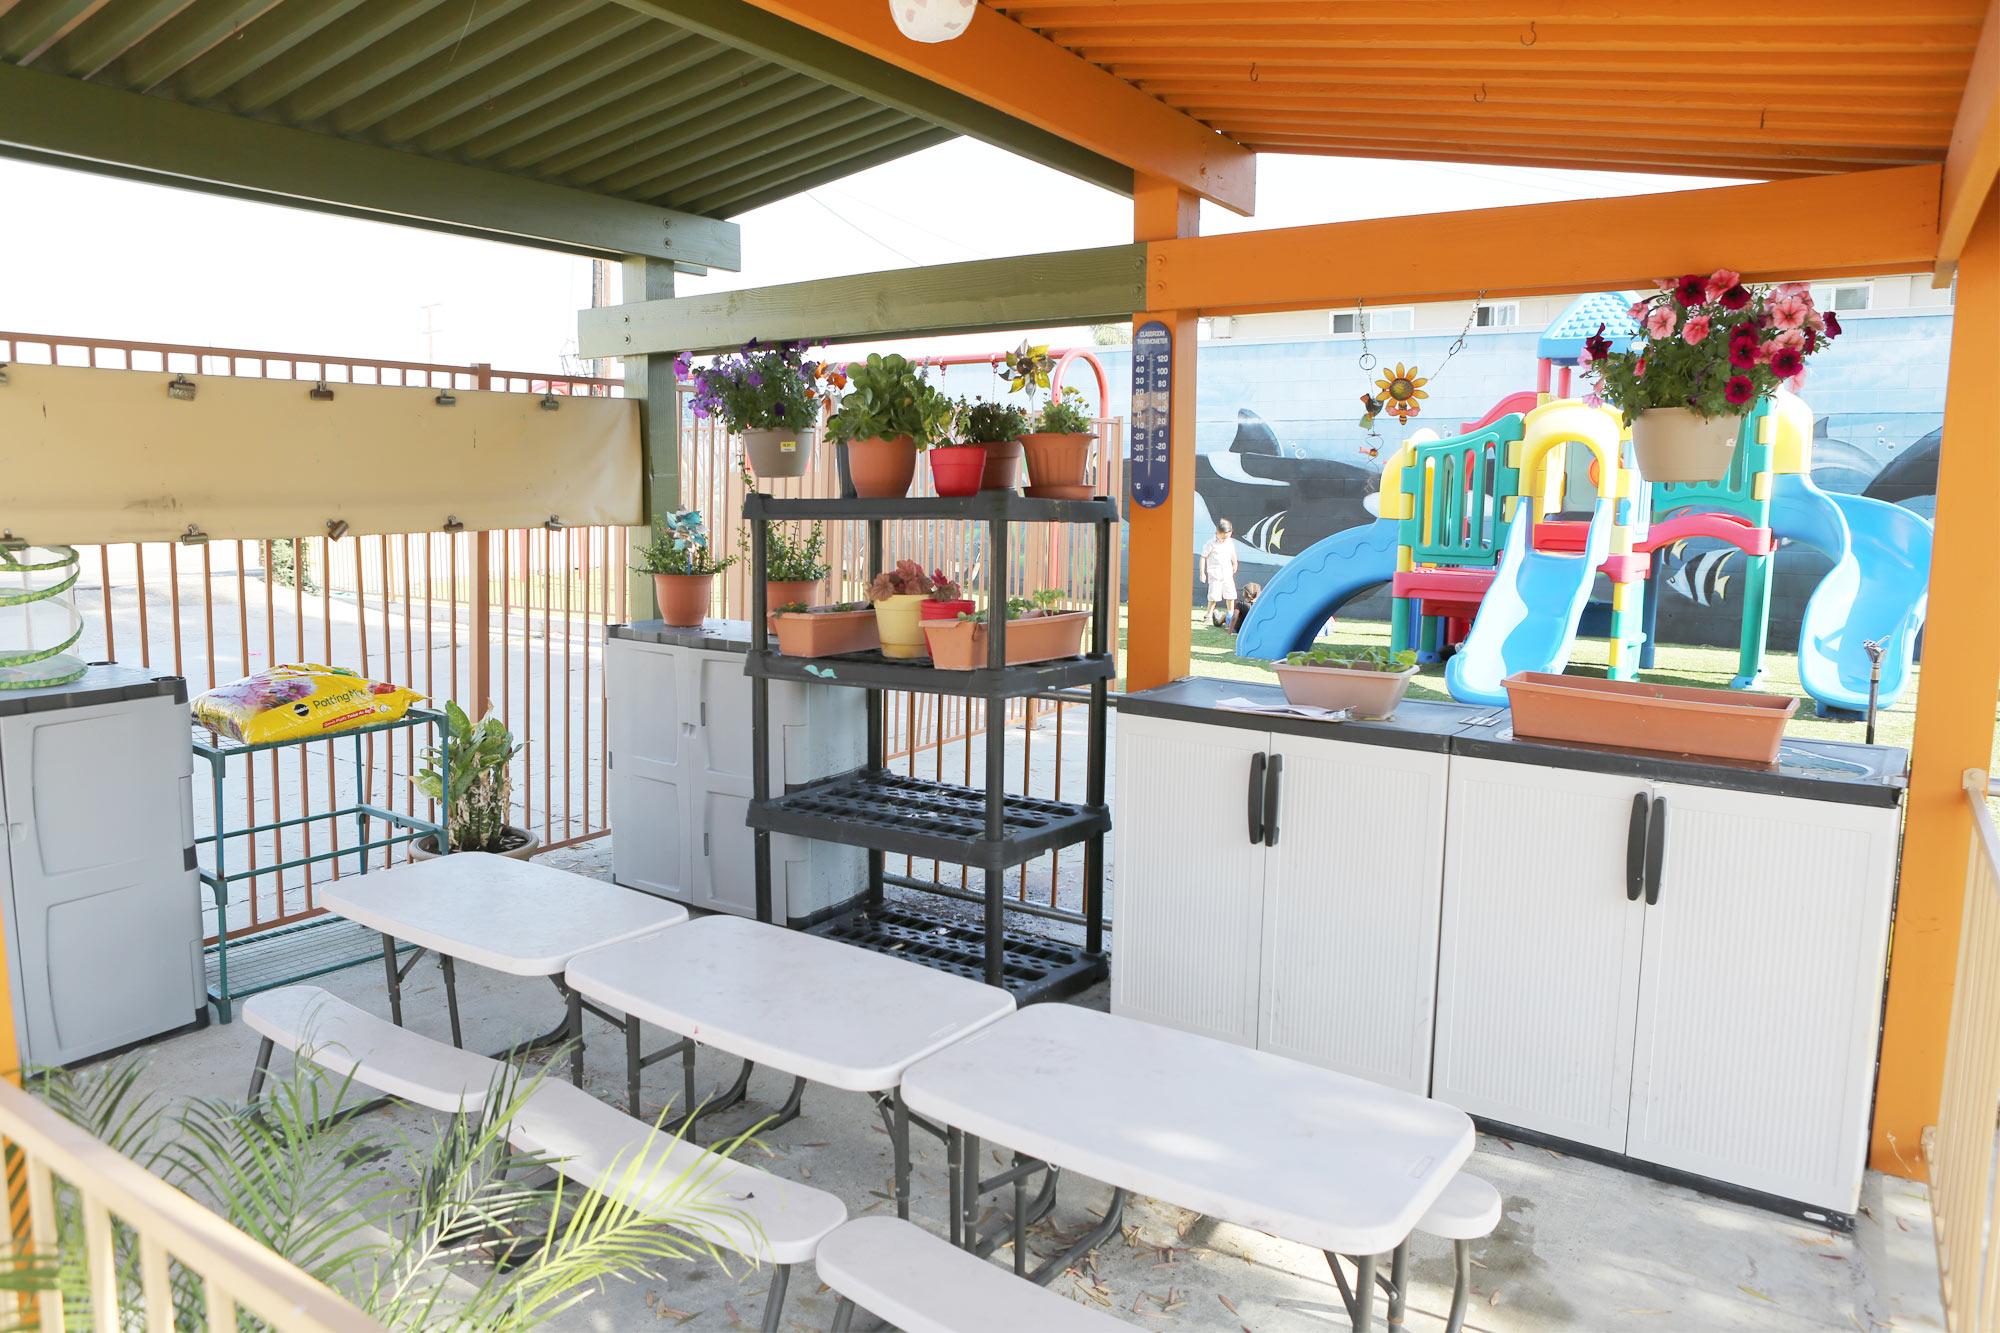 Pasadena-Preschool-outdoor-science